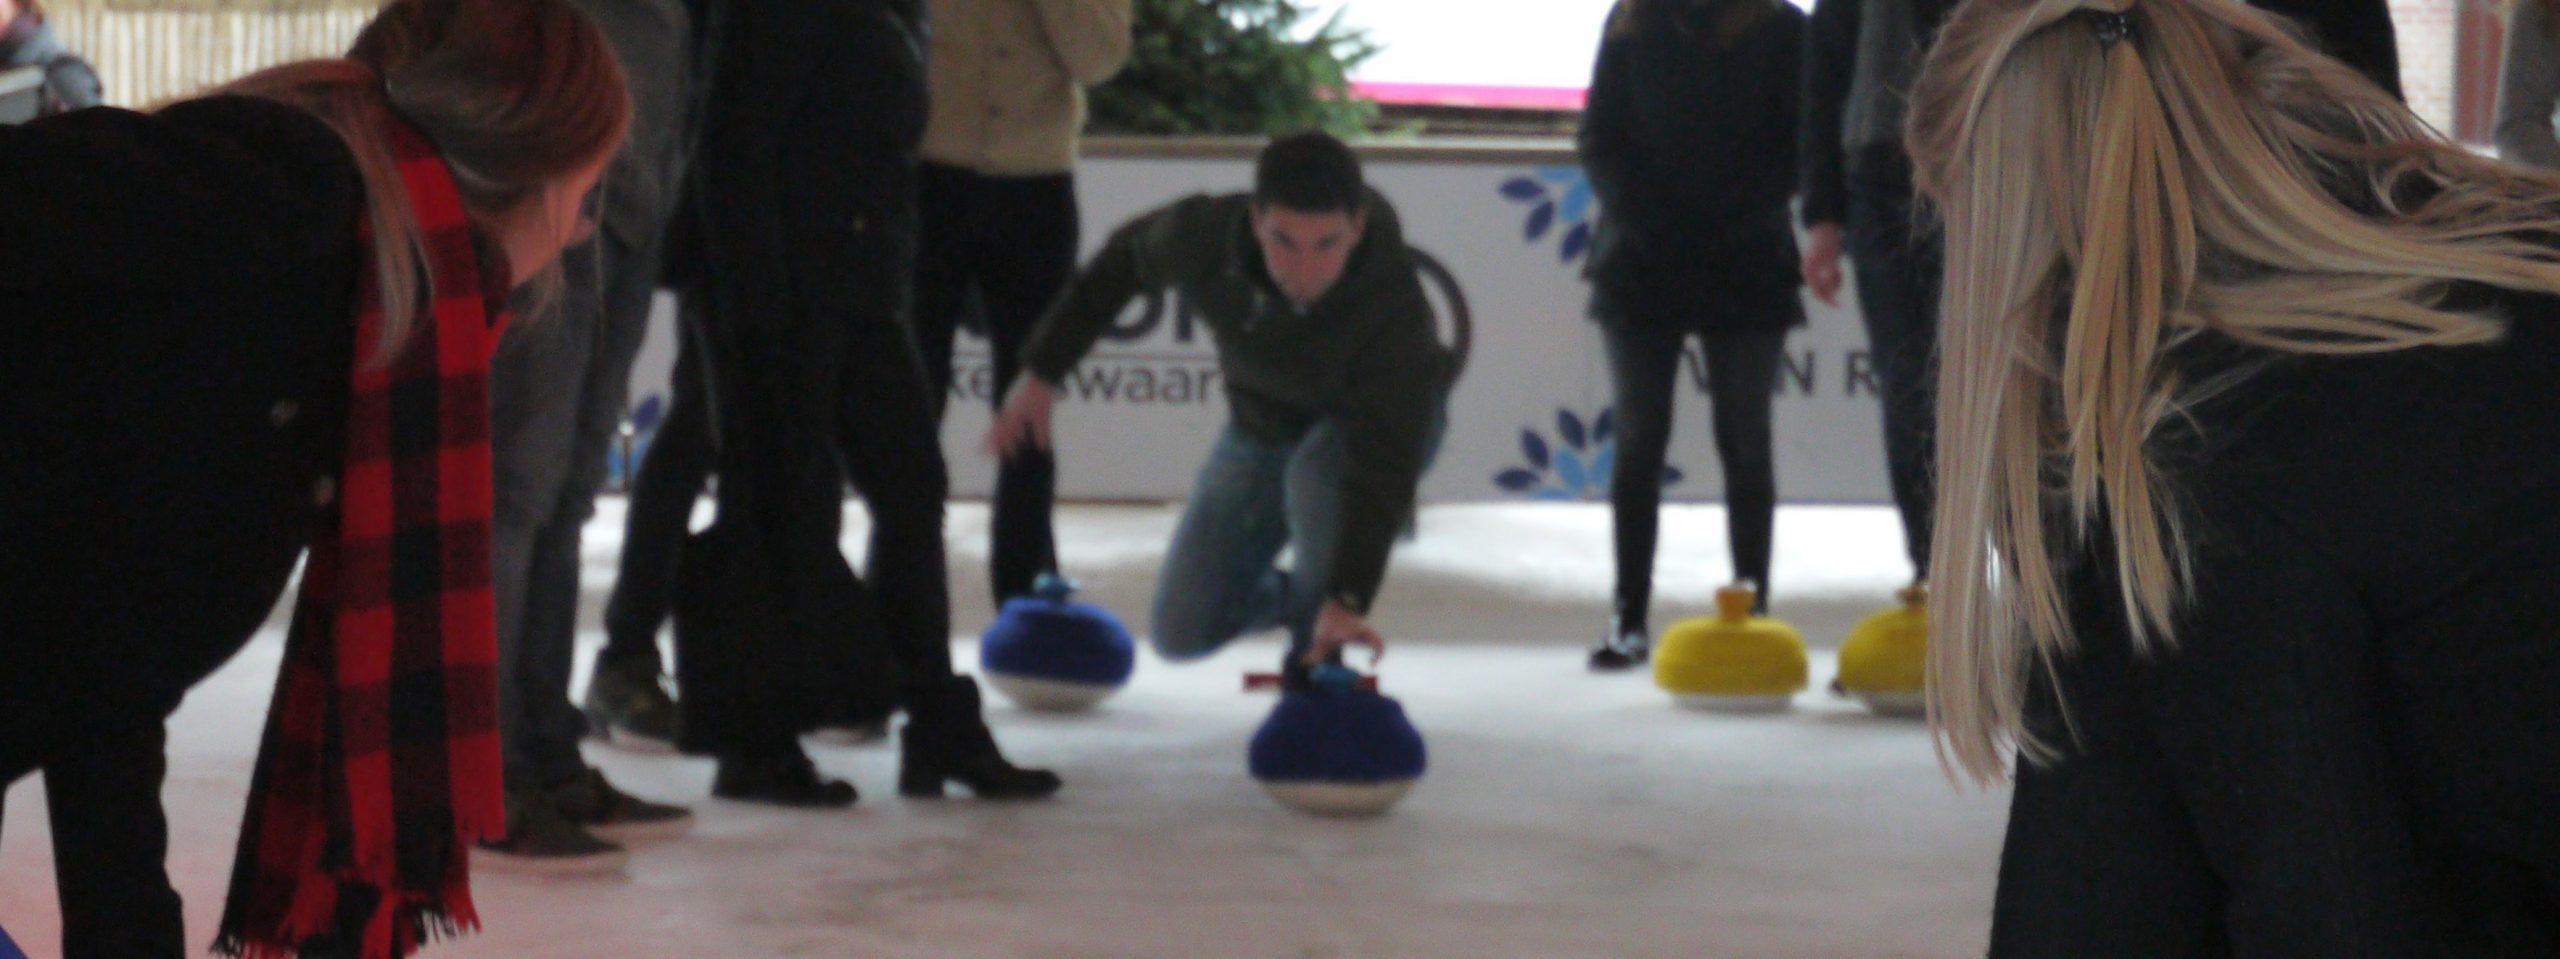 Fun curling tilburg/breda 5